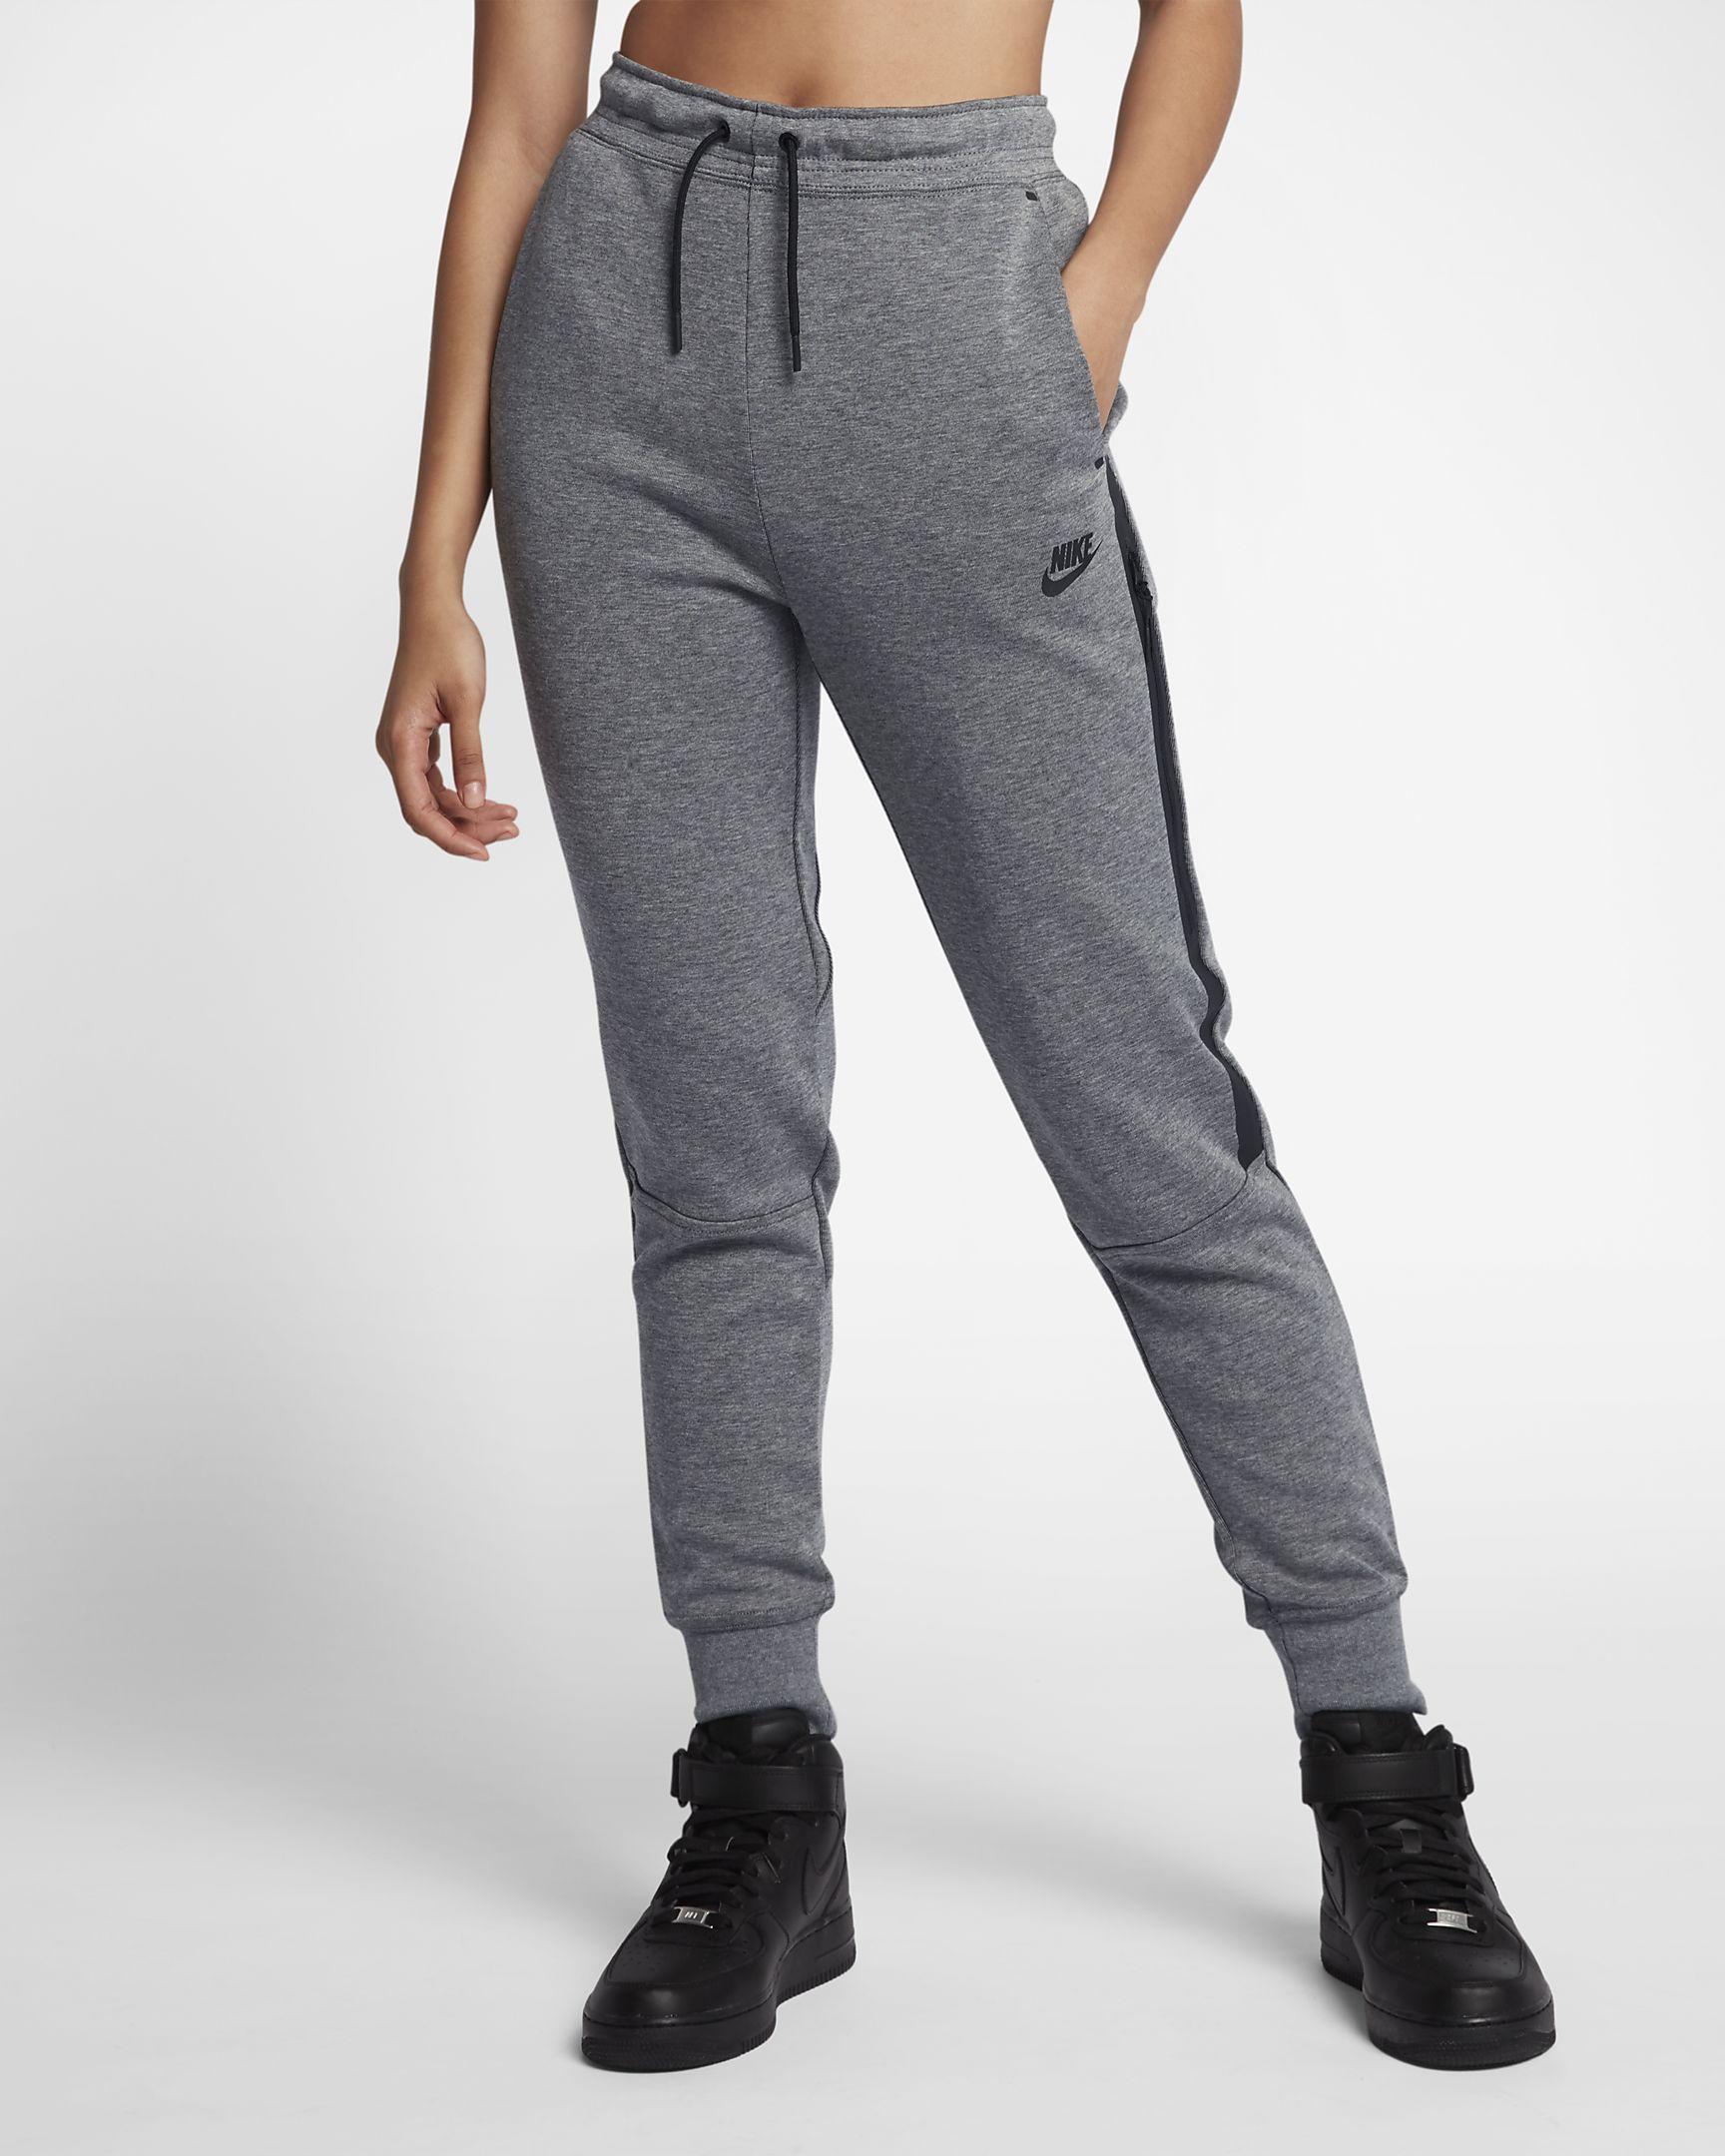 Nike sportswear tech fleece womens pants nike tech